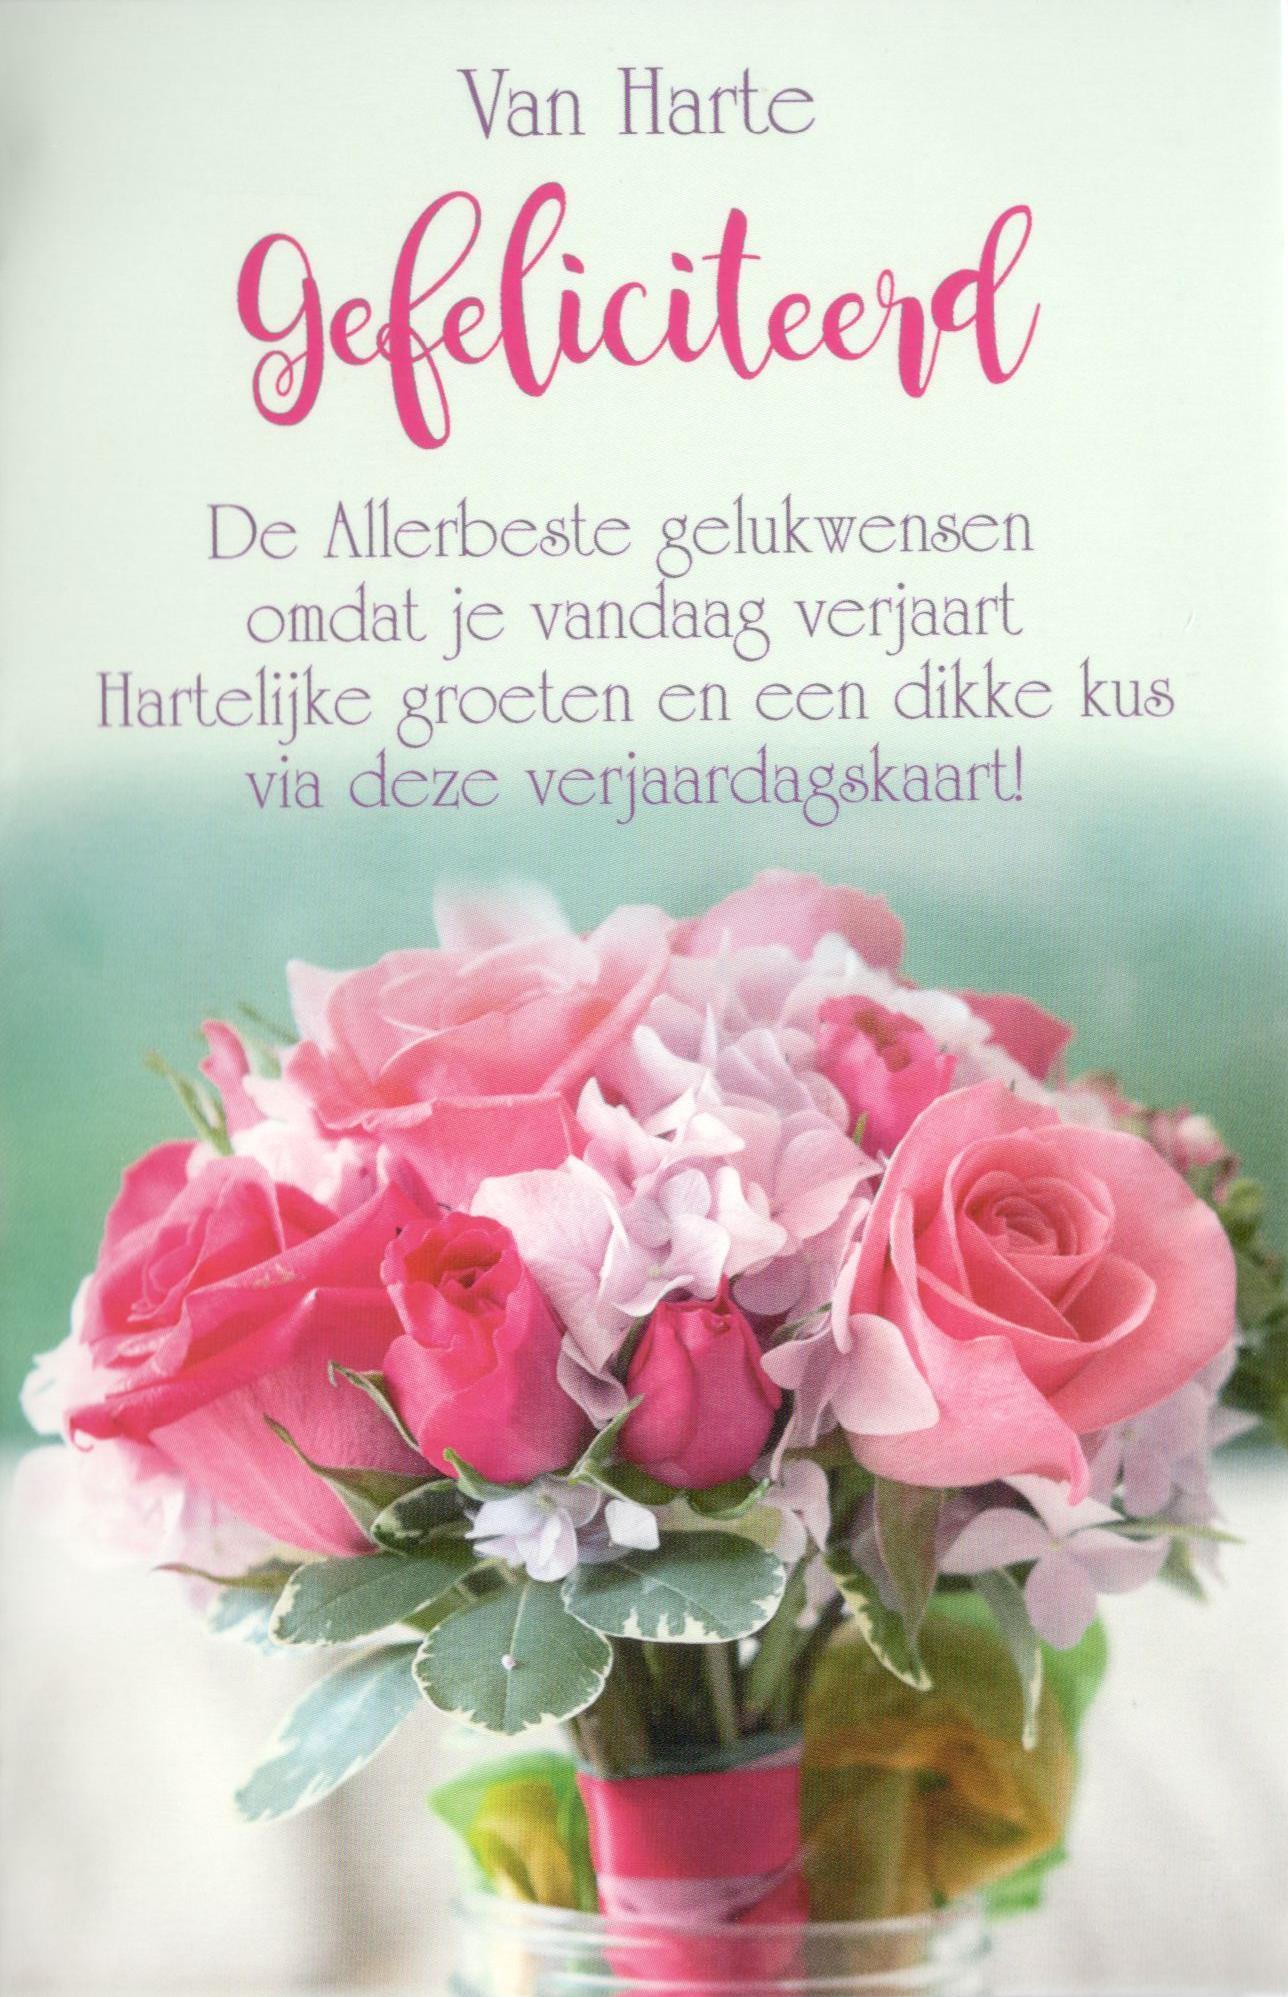 verjaardagskaart vrouw Mooie verjaardagskaarten met bloemen en tekst verjaardagskaart vrouw